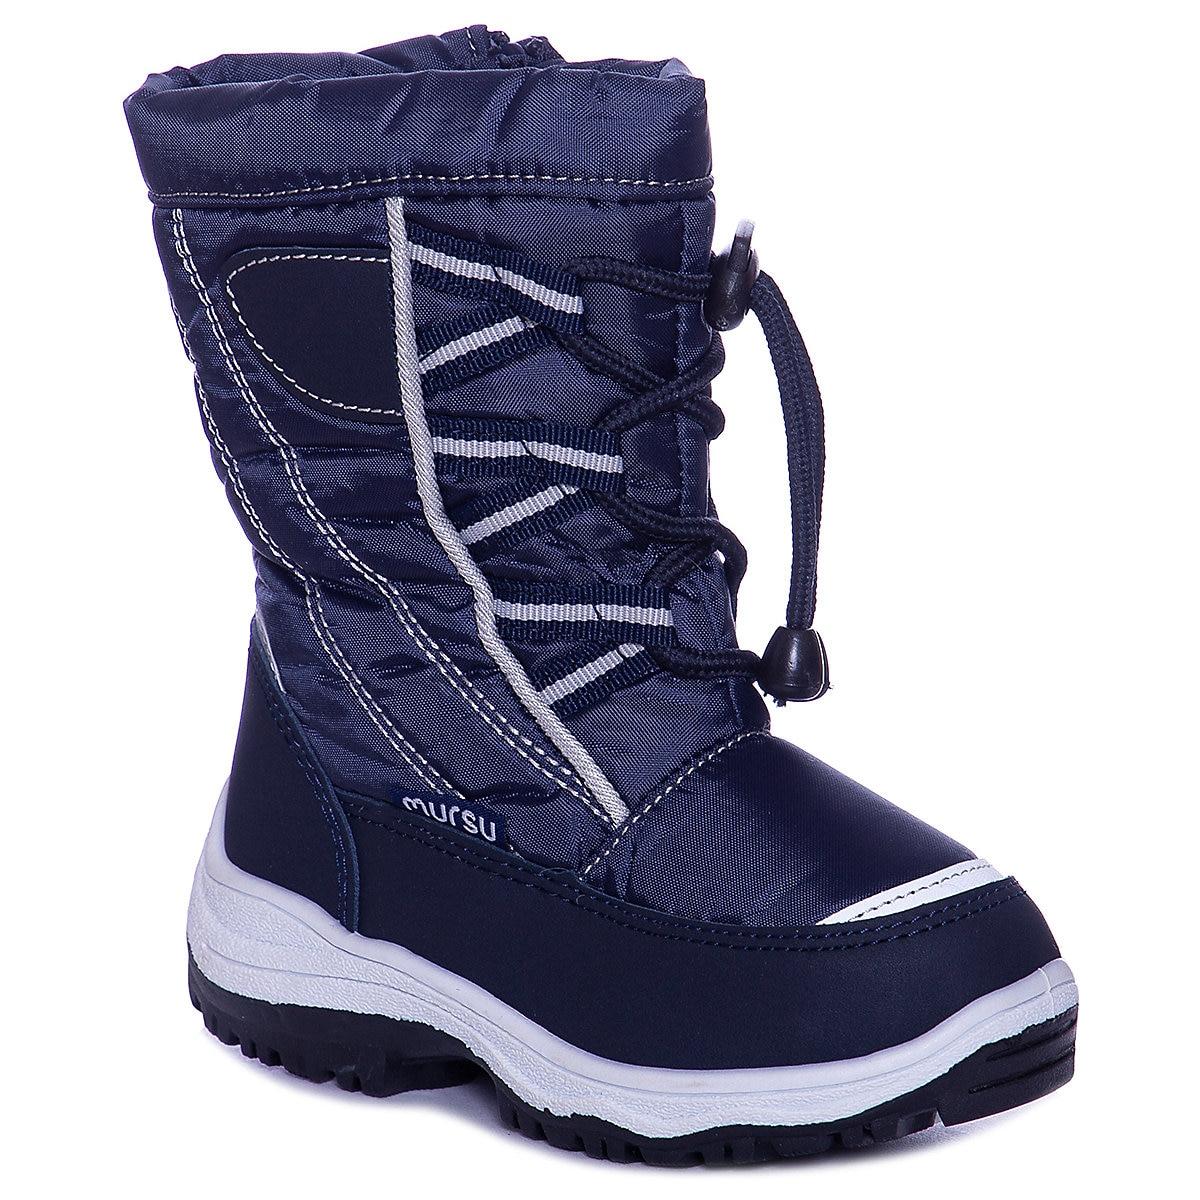 MURSU Stivali 8739429 di Inverno Dei Ragazzi di Lana scarpe per bambini ragazzo MTpromo